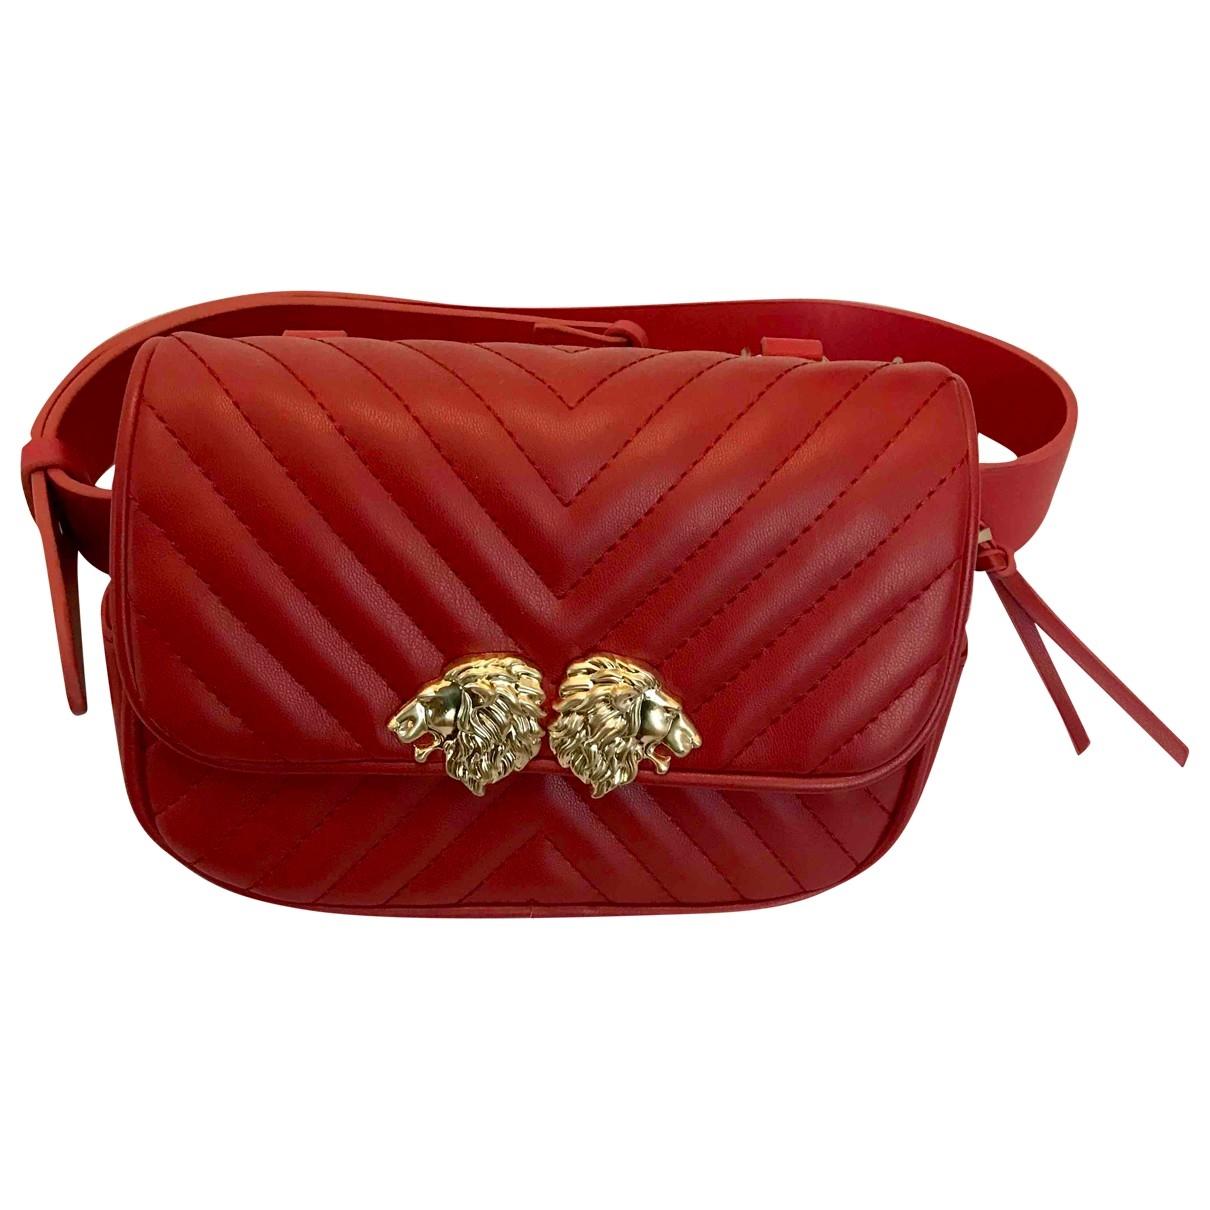 Zara \N Red handbag for Women \N